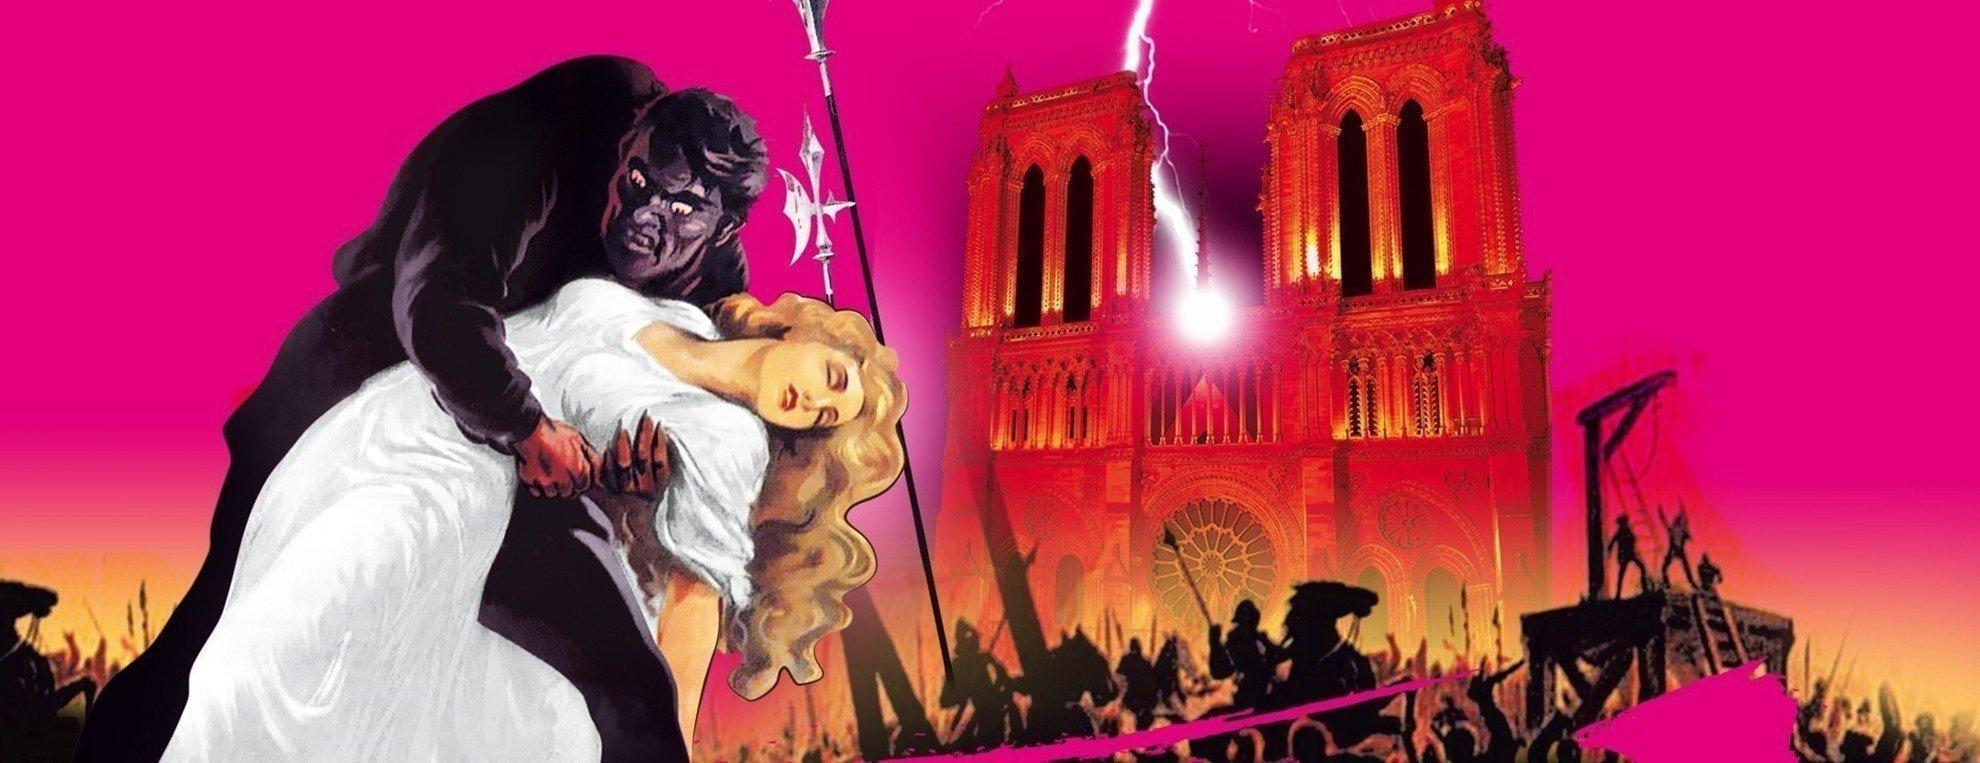 событие Notre Dame de Paris Le Concert (Нотр Дам Де Пари Ле Концерт)